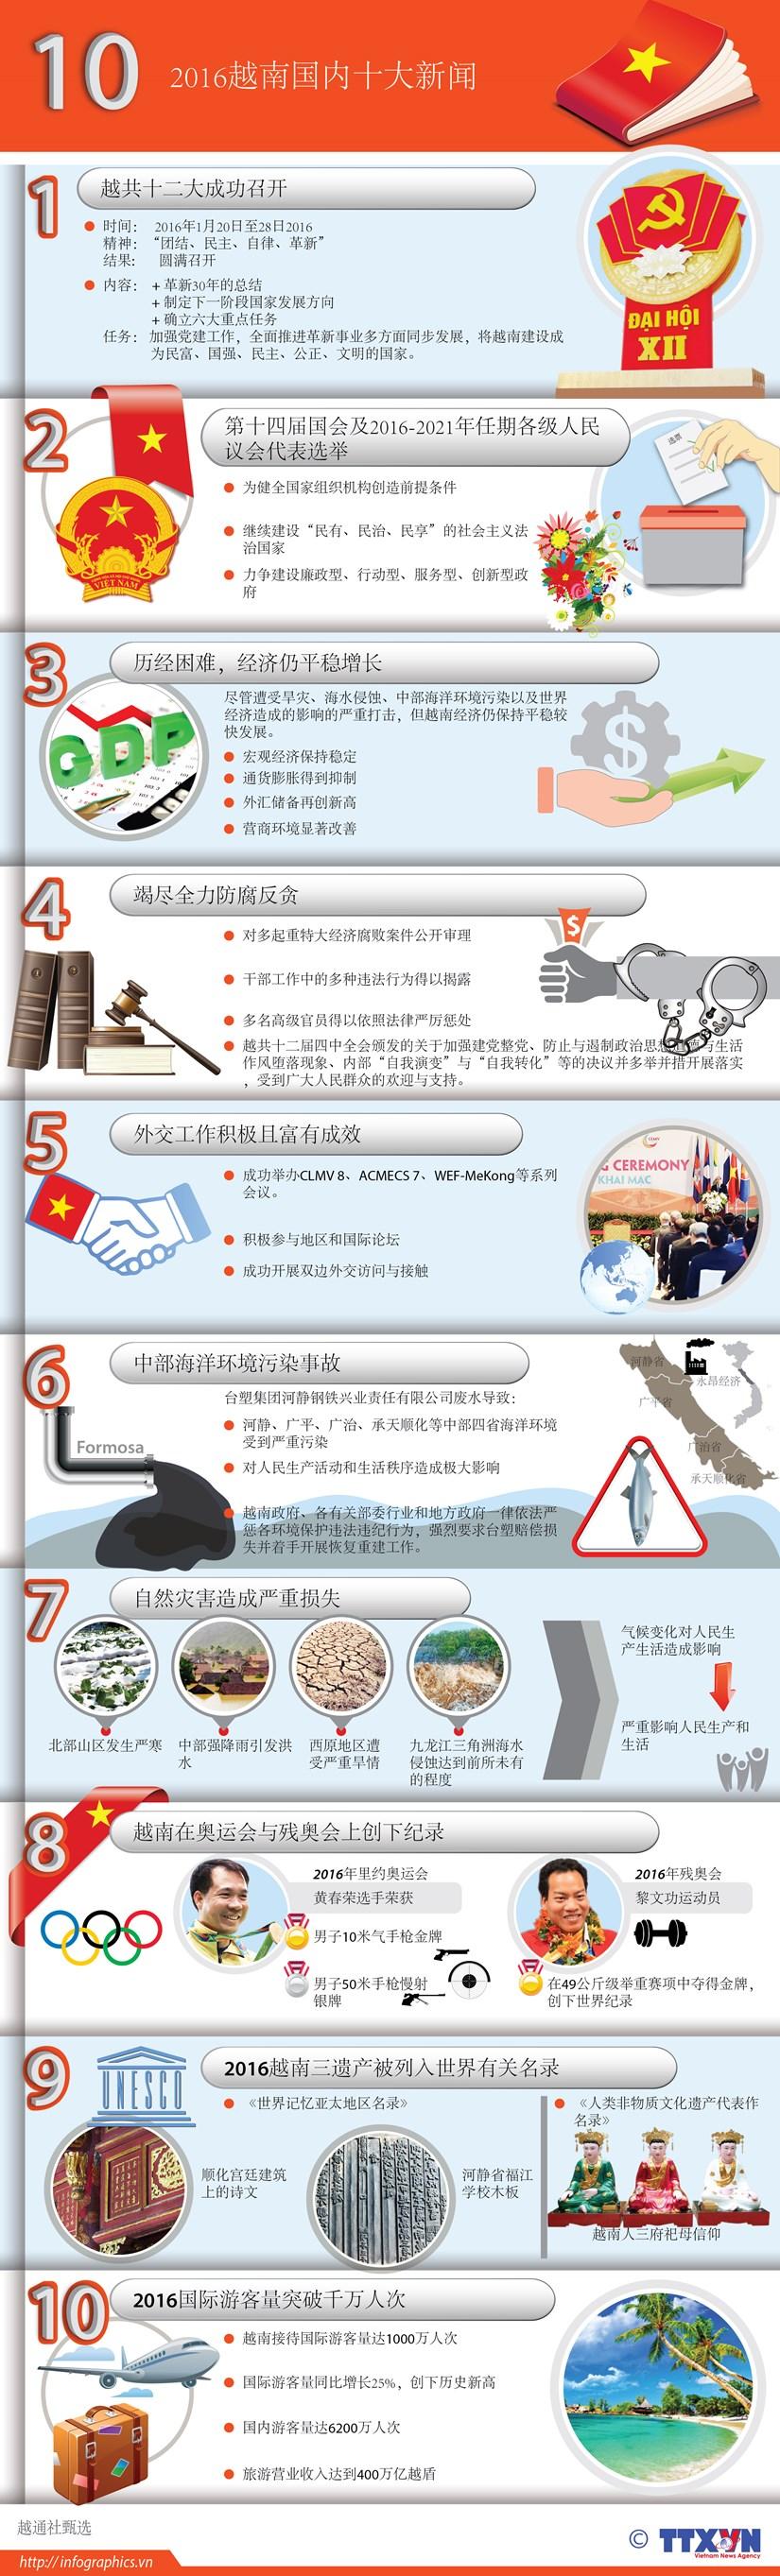 2016越南国内十大新闻 hinh anh 1